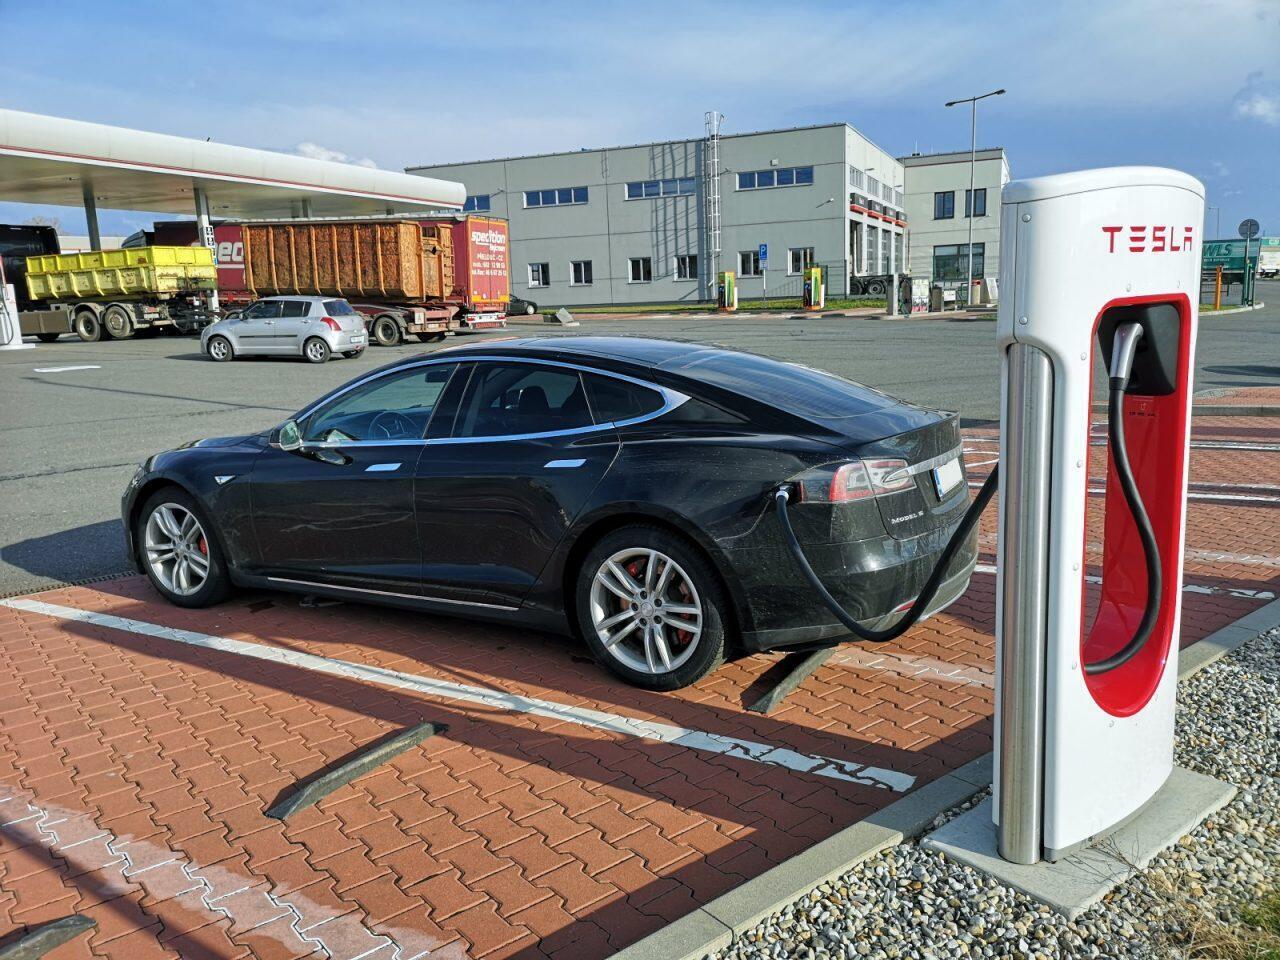 Teslan käyttökulut saa alas käyttämällä ilmaisia latauspisteitä.